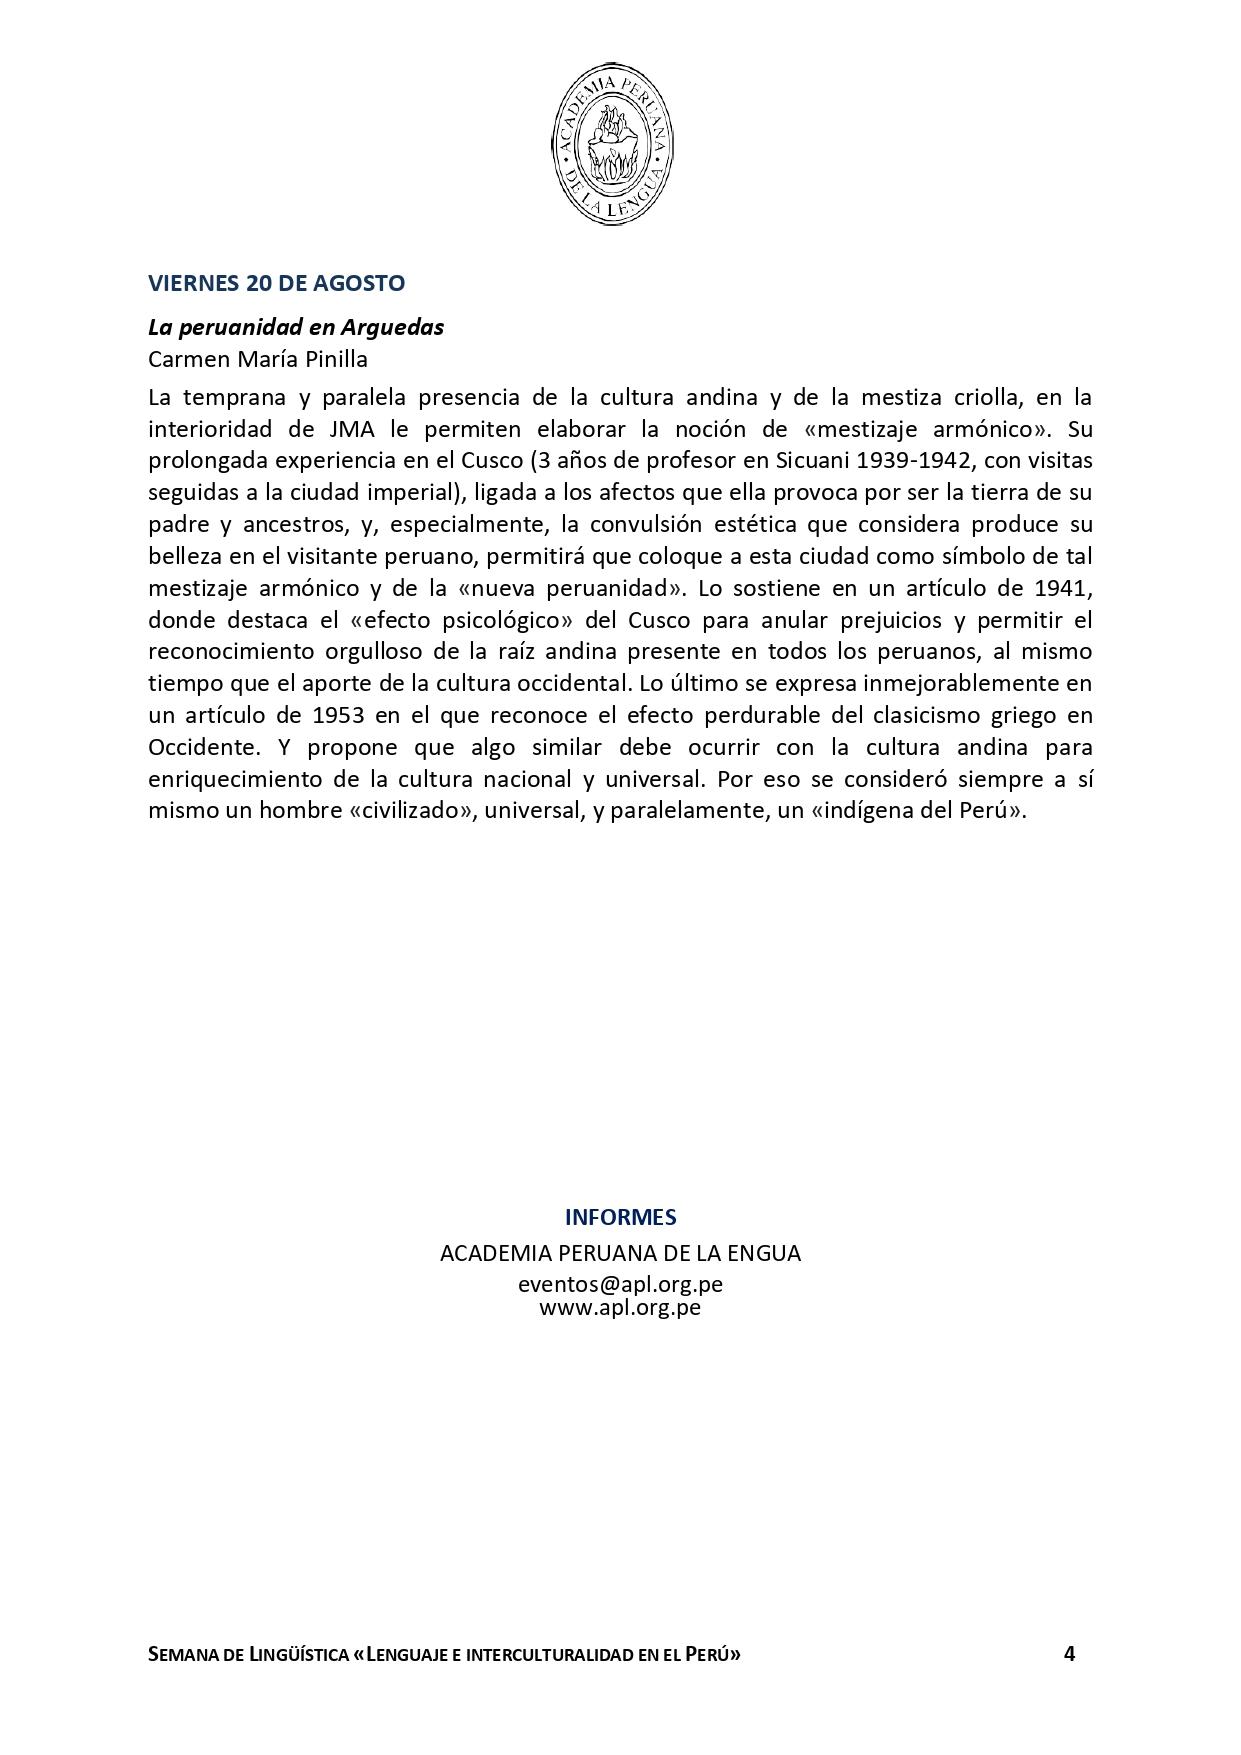 SUMILLAS - Semana de Linguistica 2021 (OK) (2)_page-0004